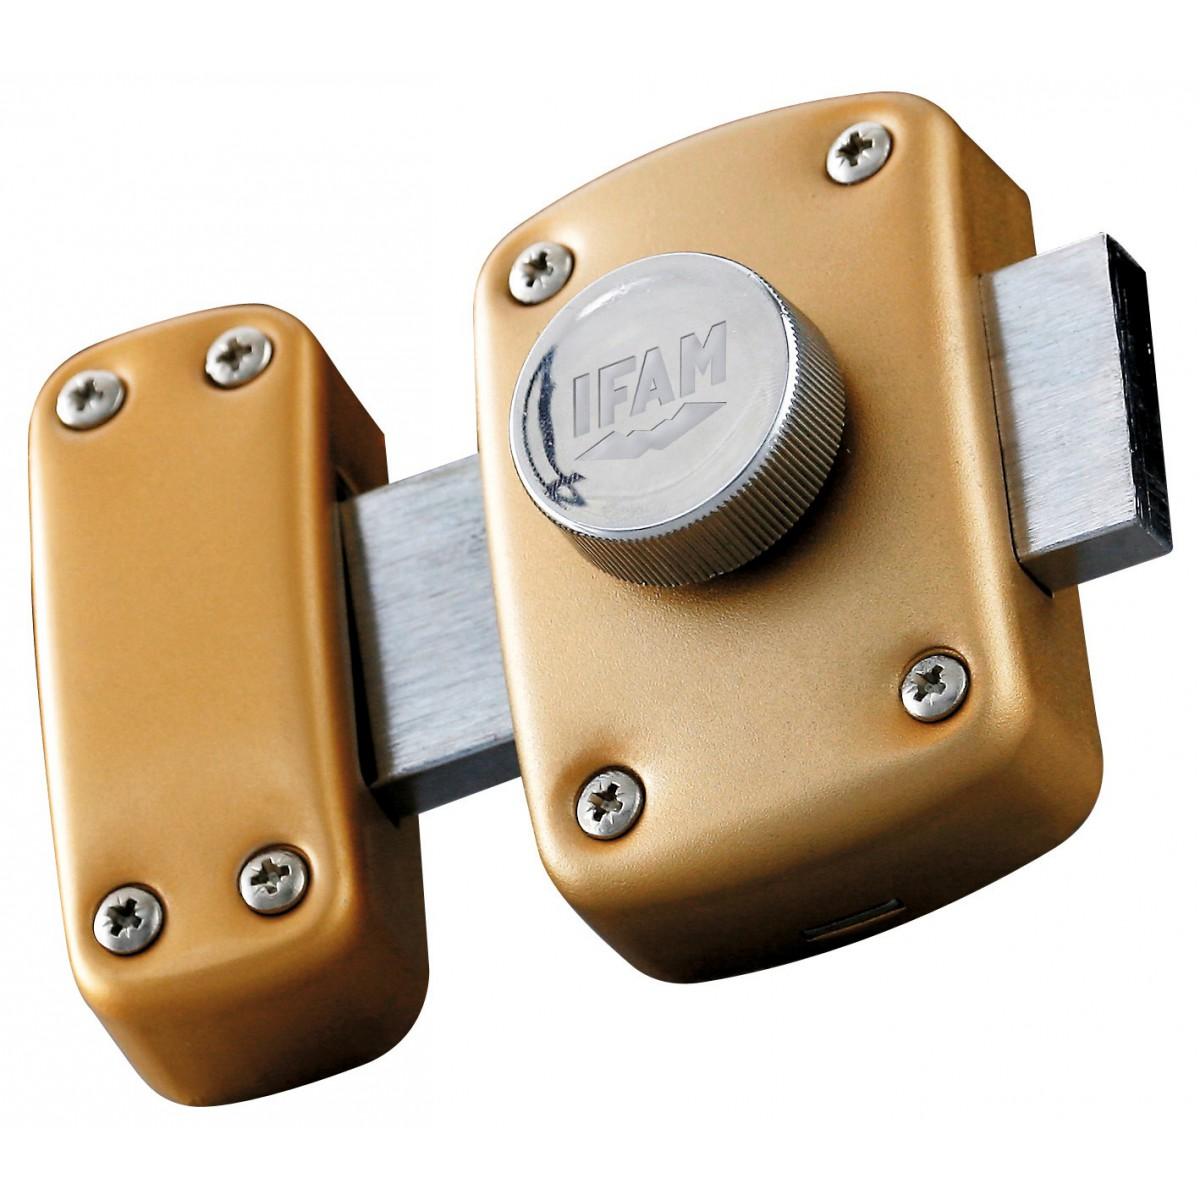 Verrou de sureté à bouton s'entrouvrant Ifam - Longueur 45 mm